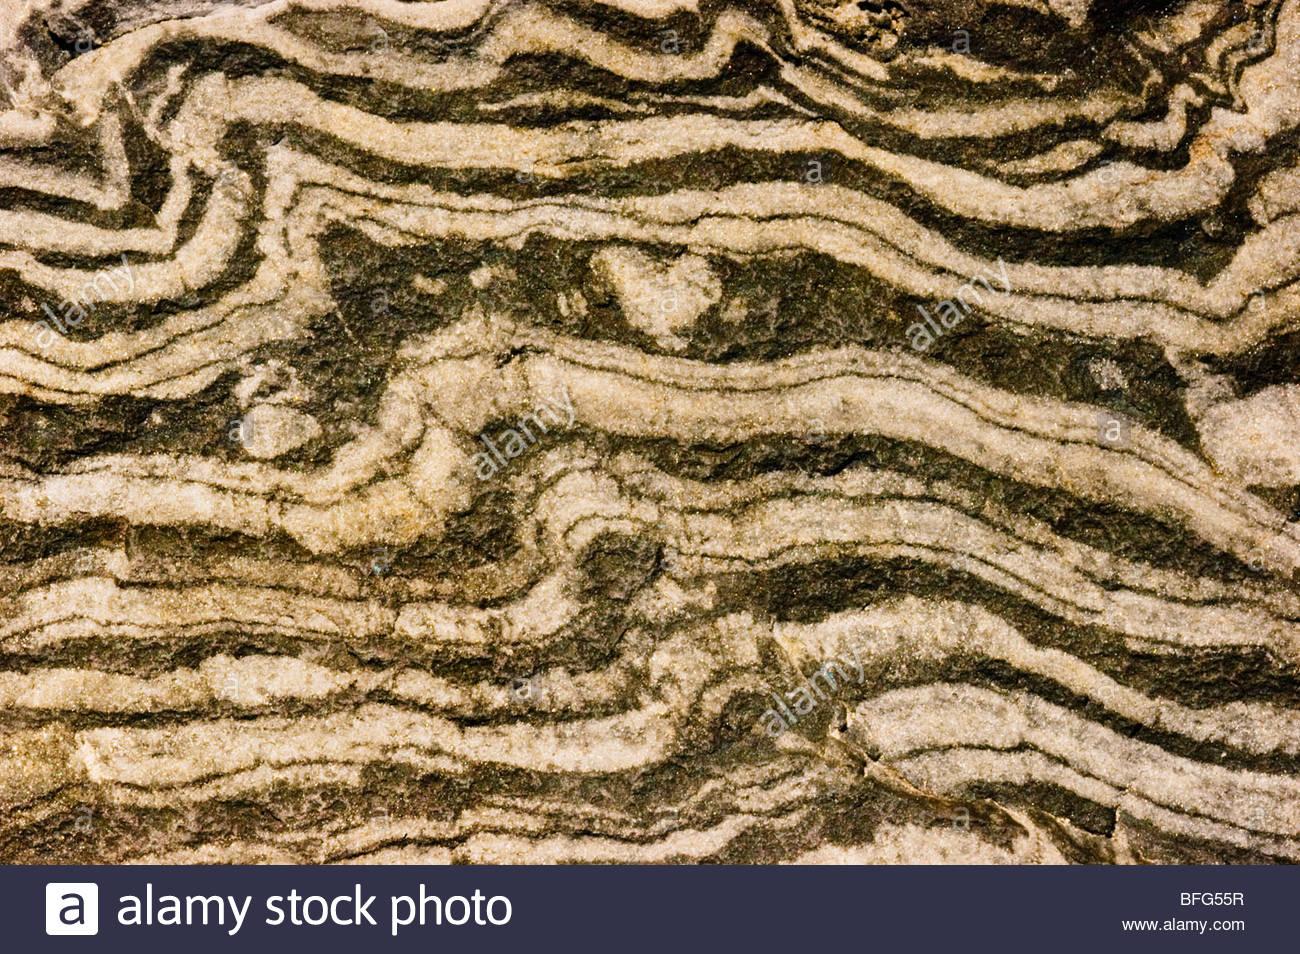 La superficie más antigua roca, Naturalis el Museo Nacional de Historia Natural de Leiden, Países Bajos Imagen De Stock